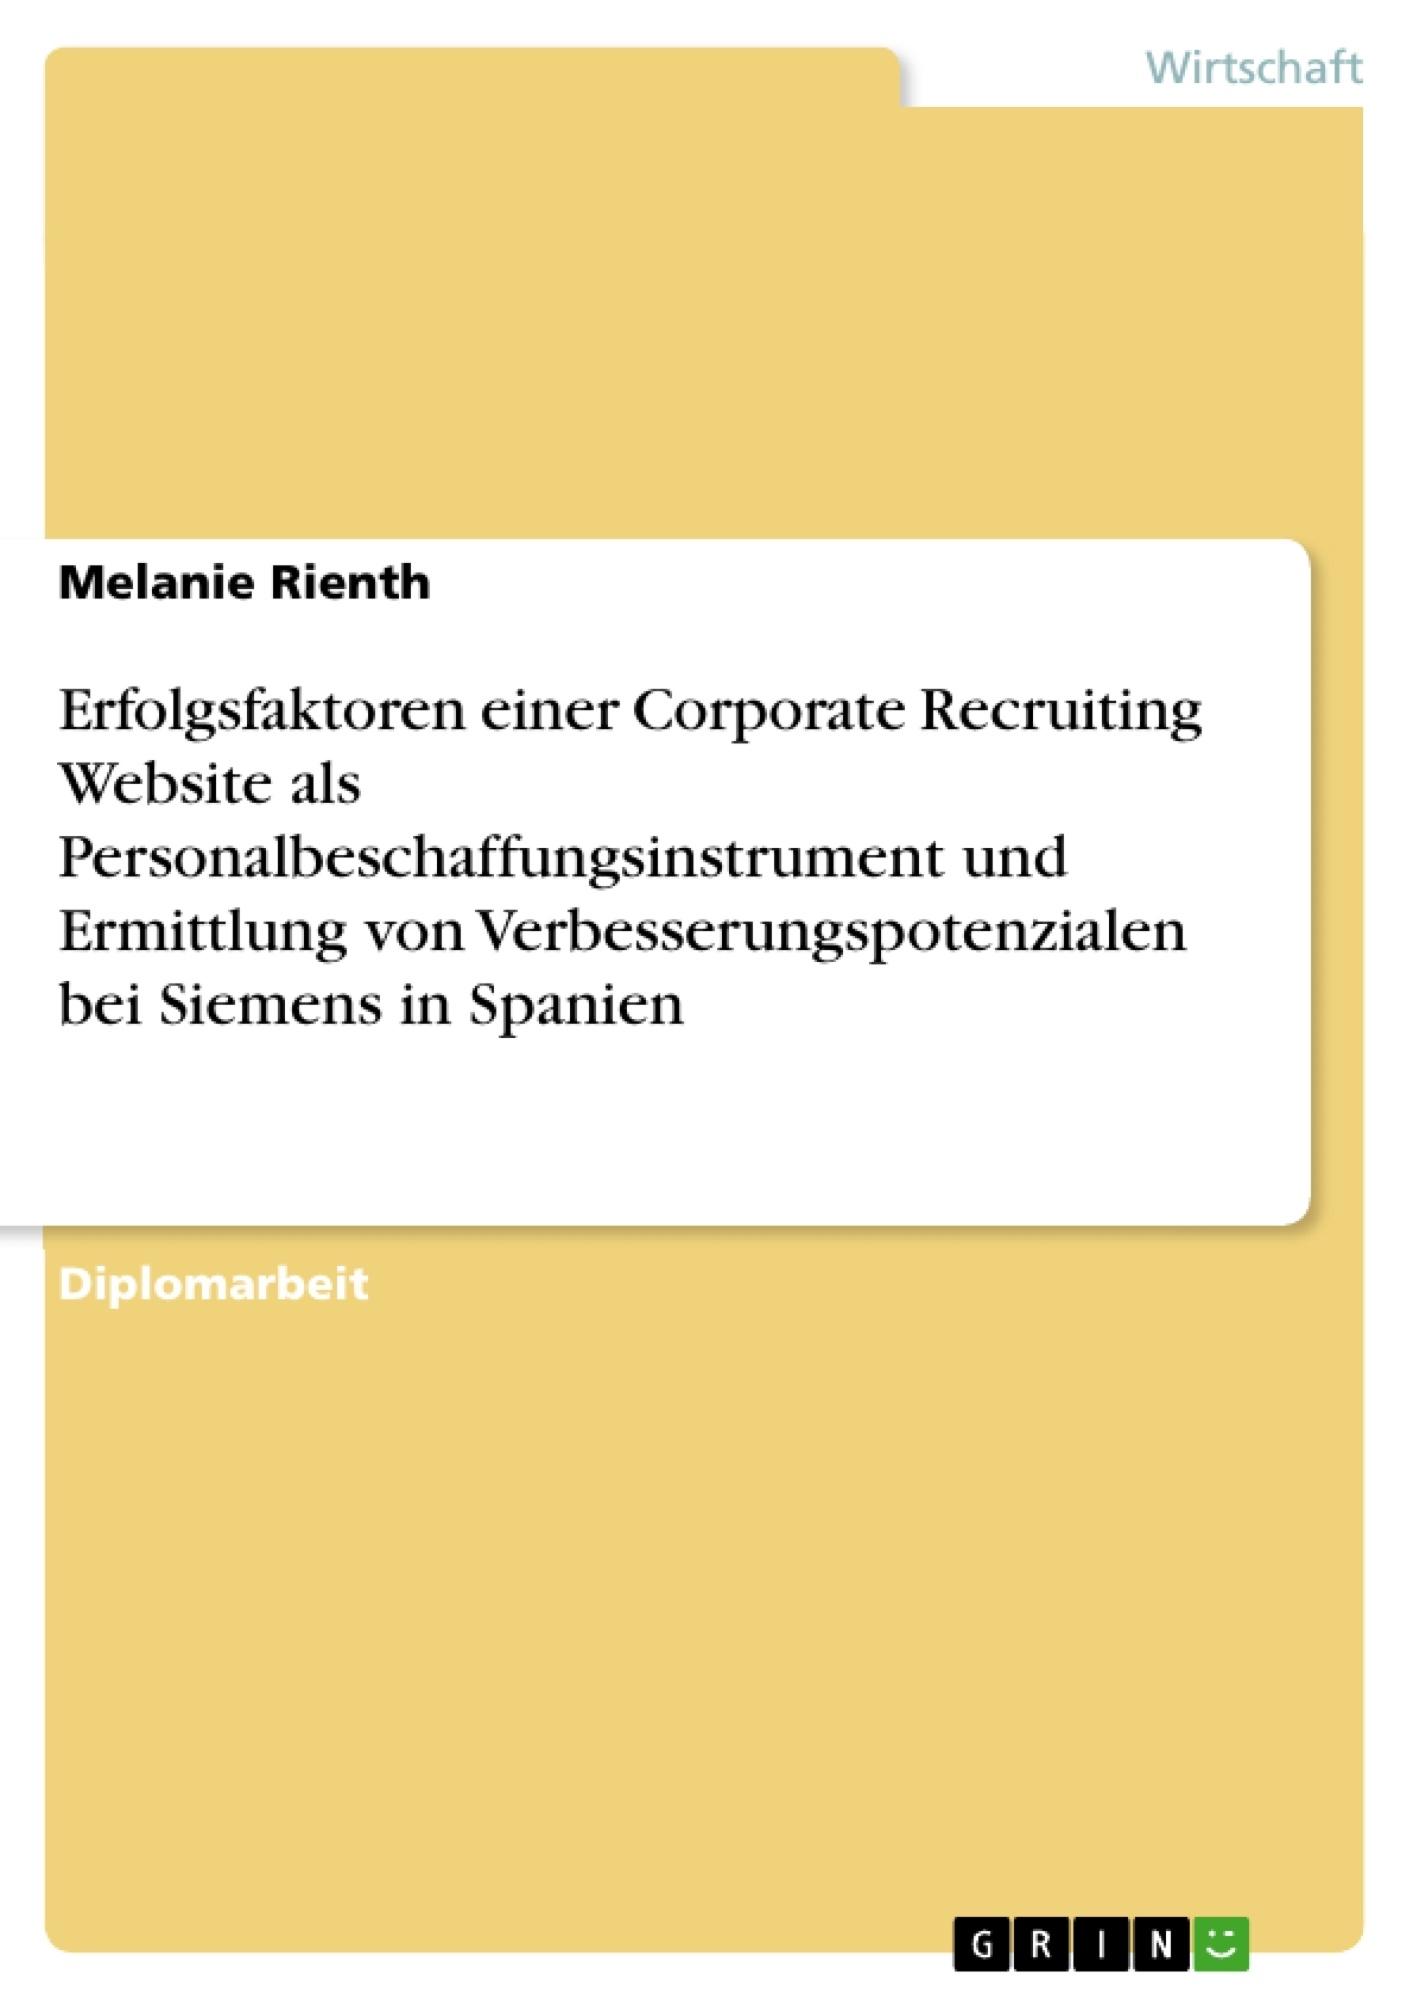 Titel: Erfolgsfaktoren einer Corporate Recruiting Website als Personalbeschaffungsinstrument und Ermittlung von Verbesserungspotenzialen bei Siemens in Spanien